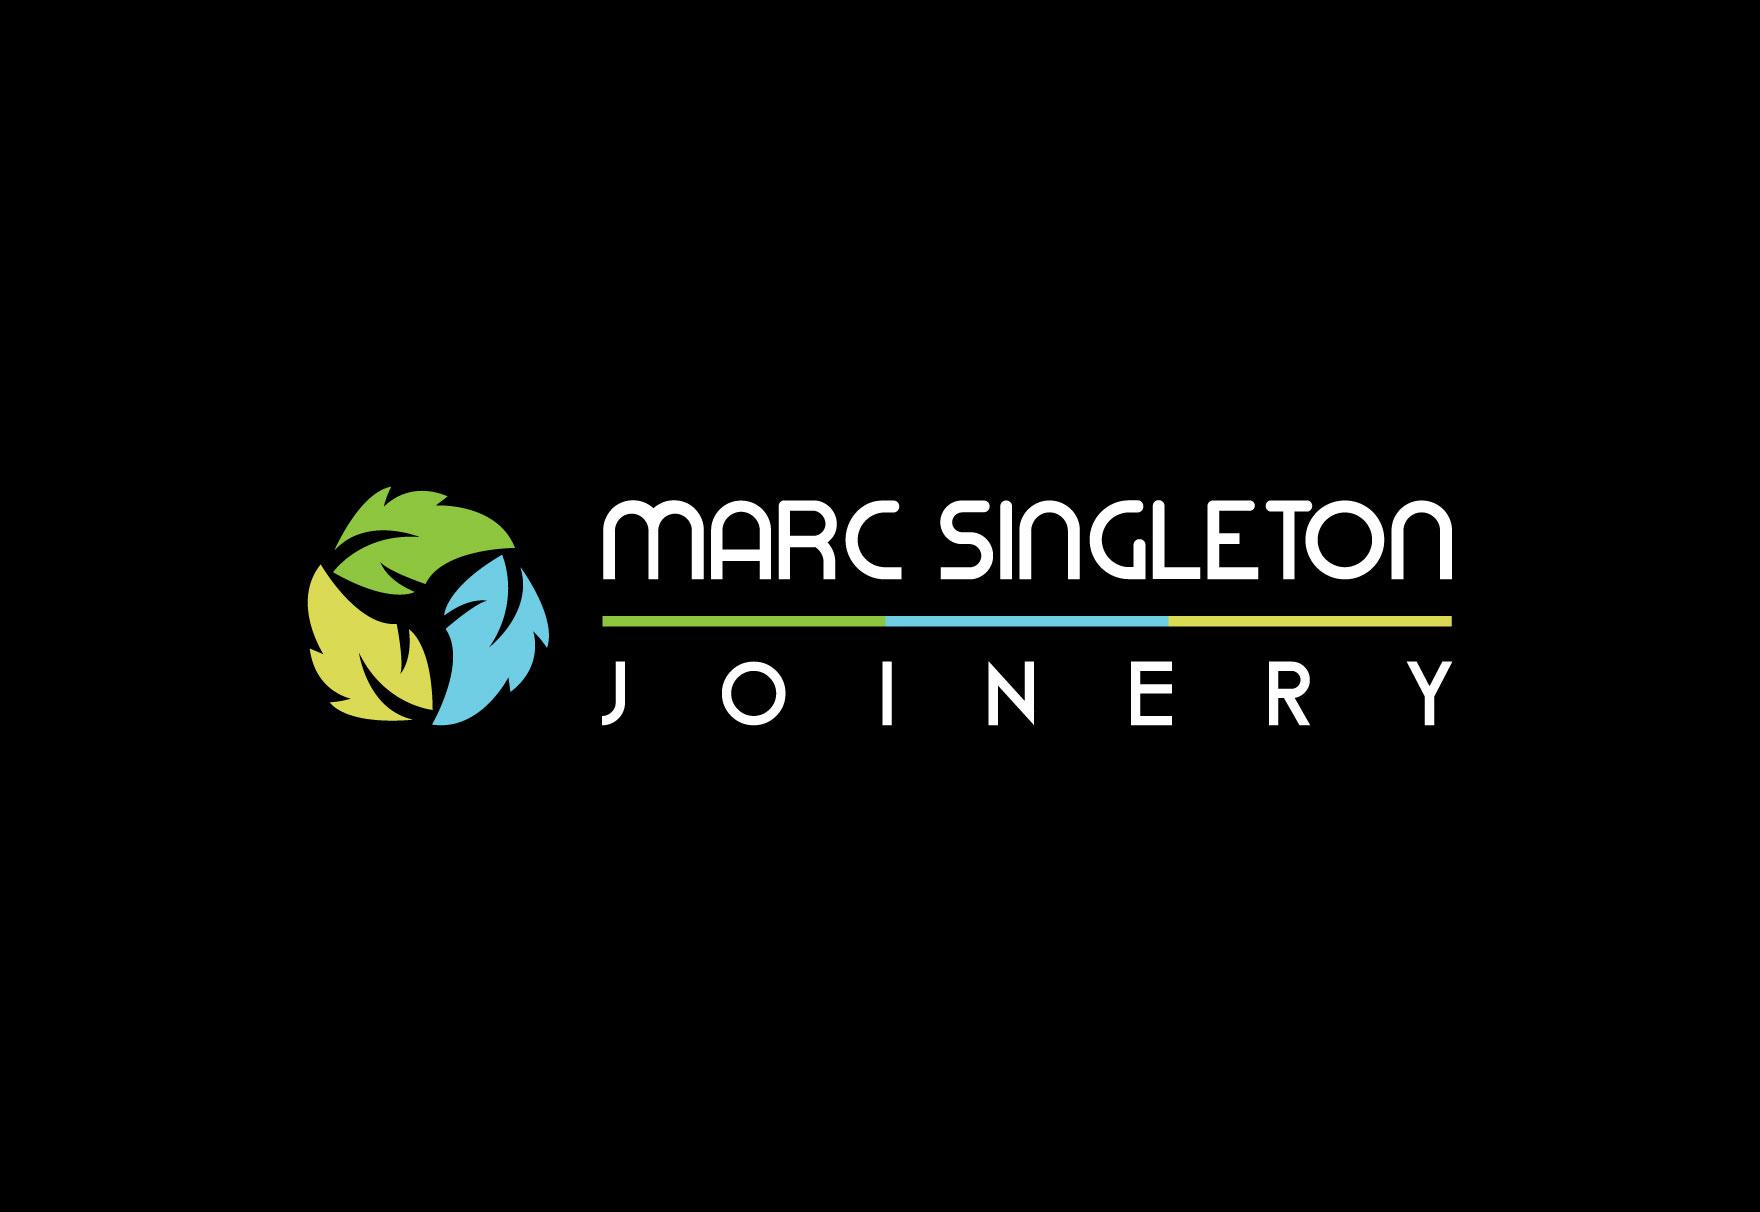 marc-singleton-joinery-logo-design